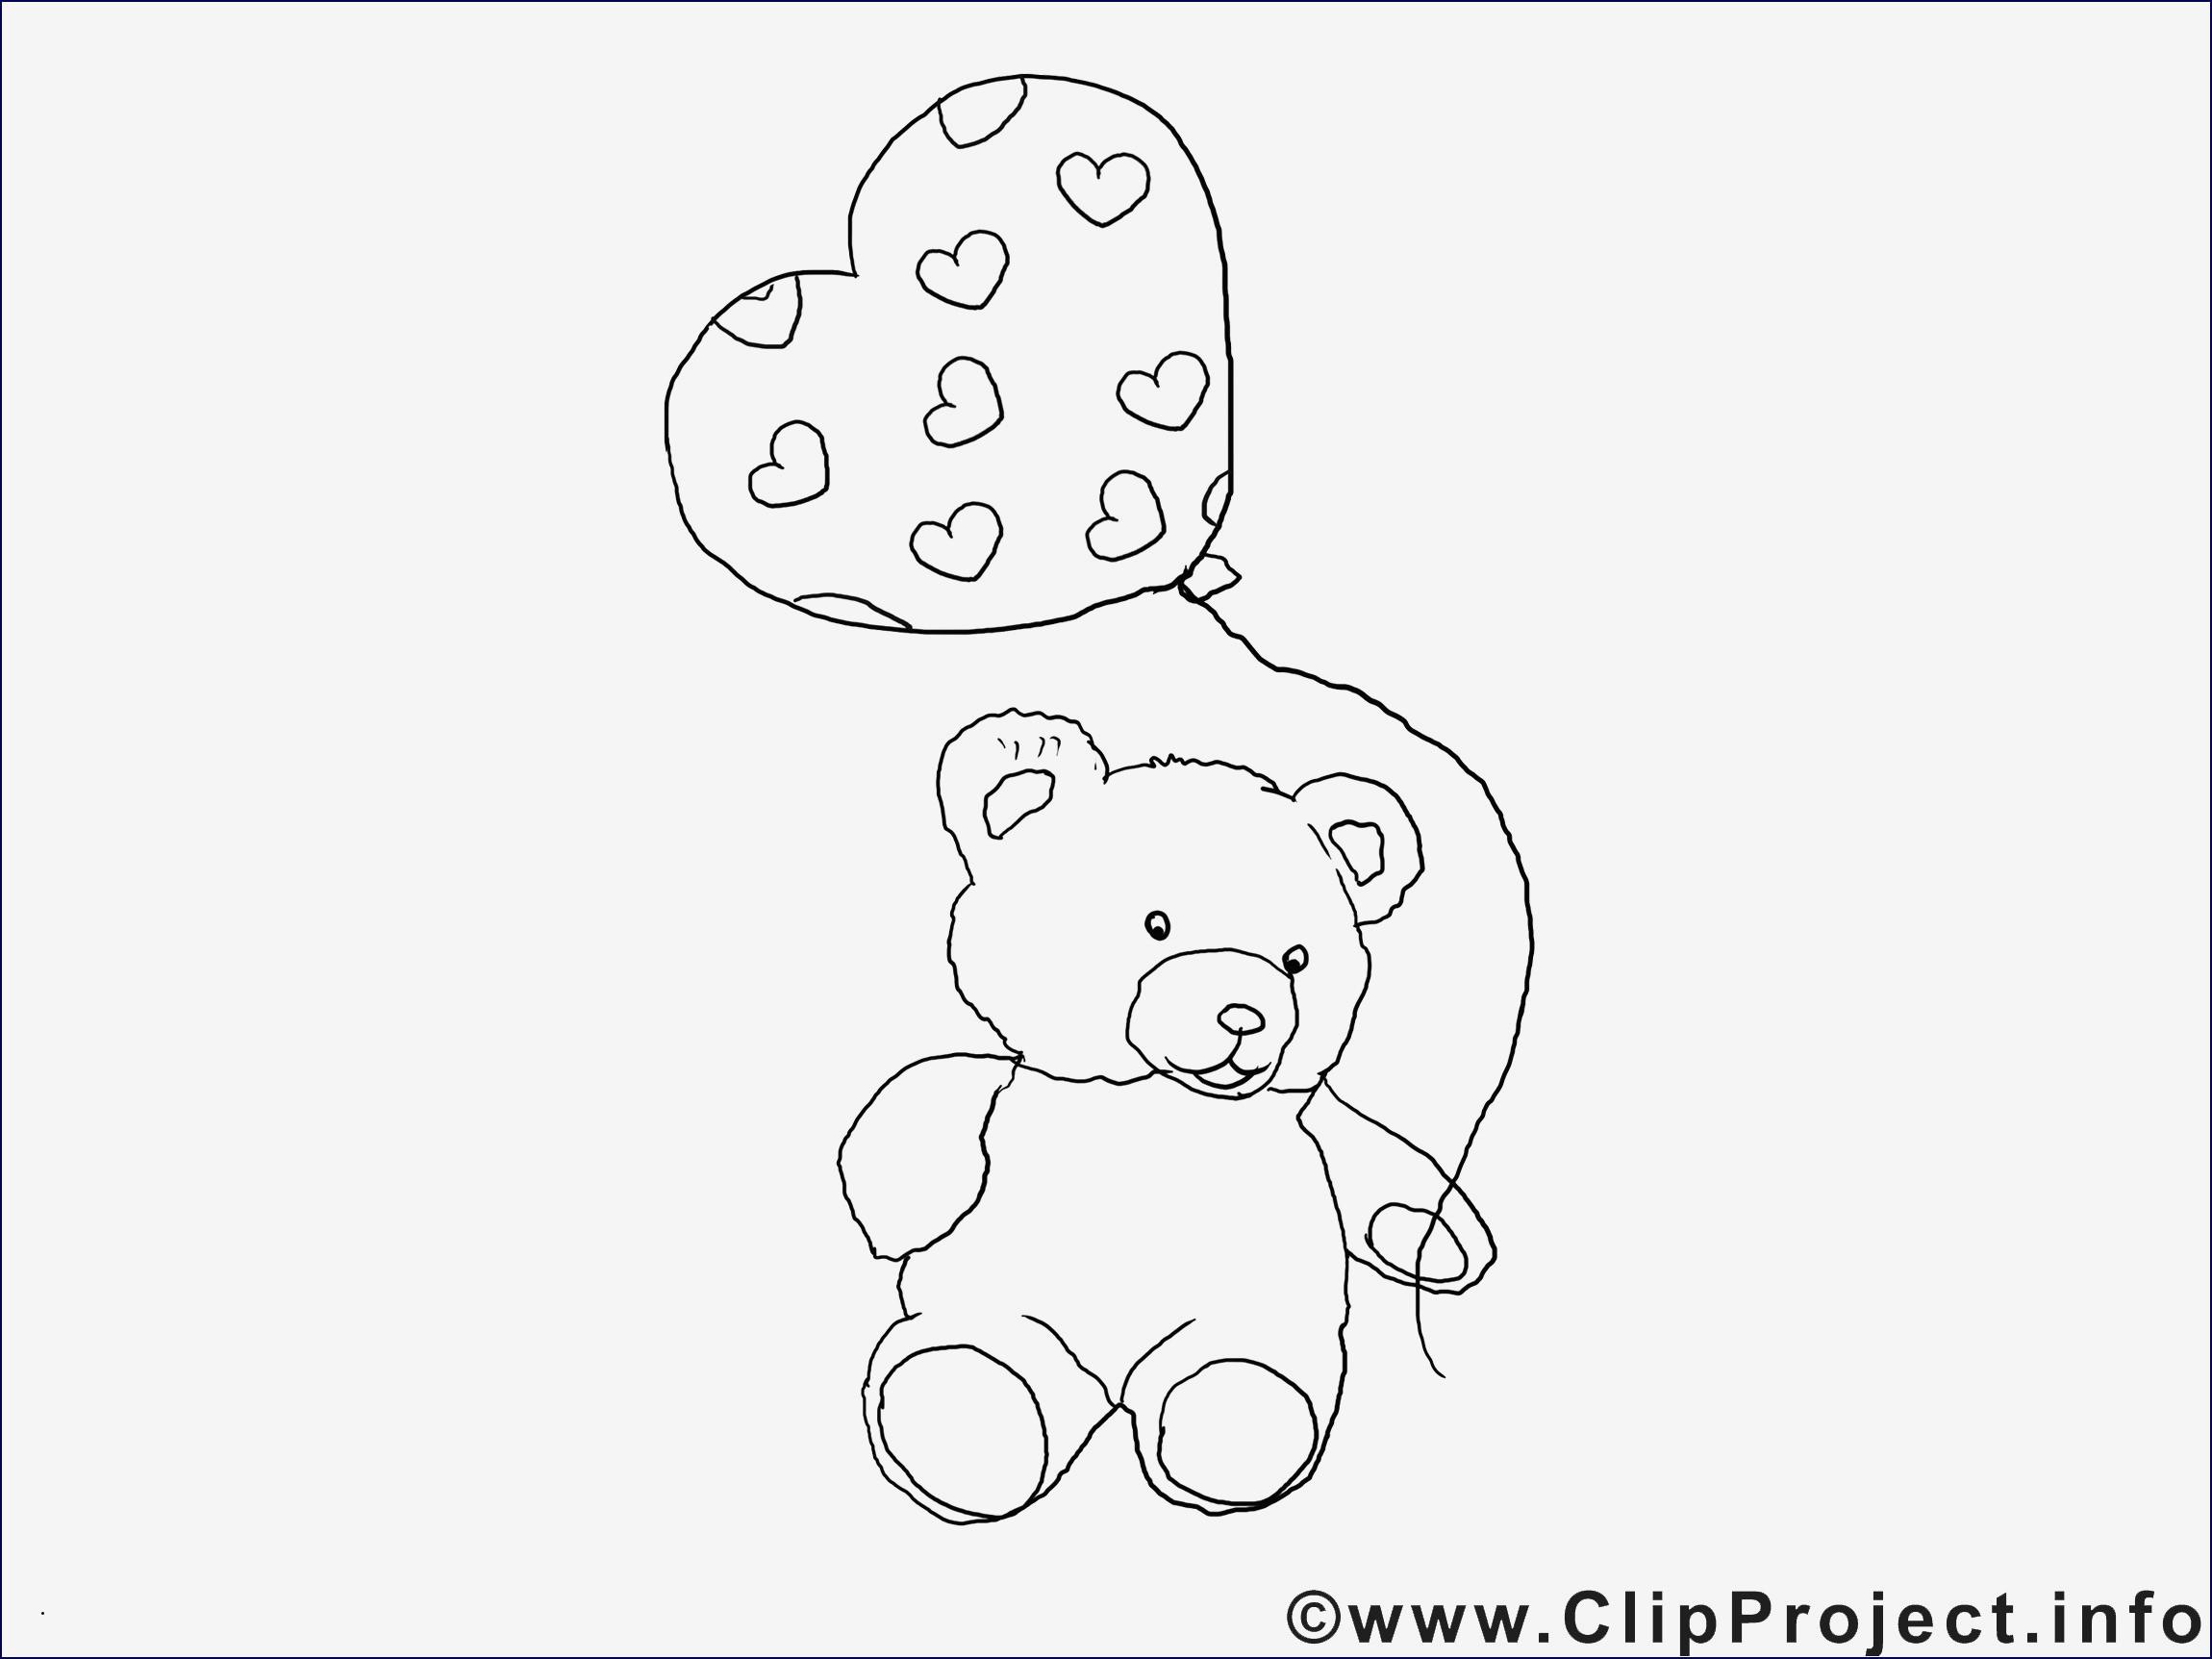 Ausmalbilder Weihnachten Teddy Einzigartig Vorlagen Weihnachten Petralang Das Bild